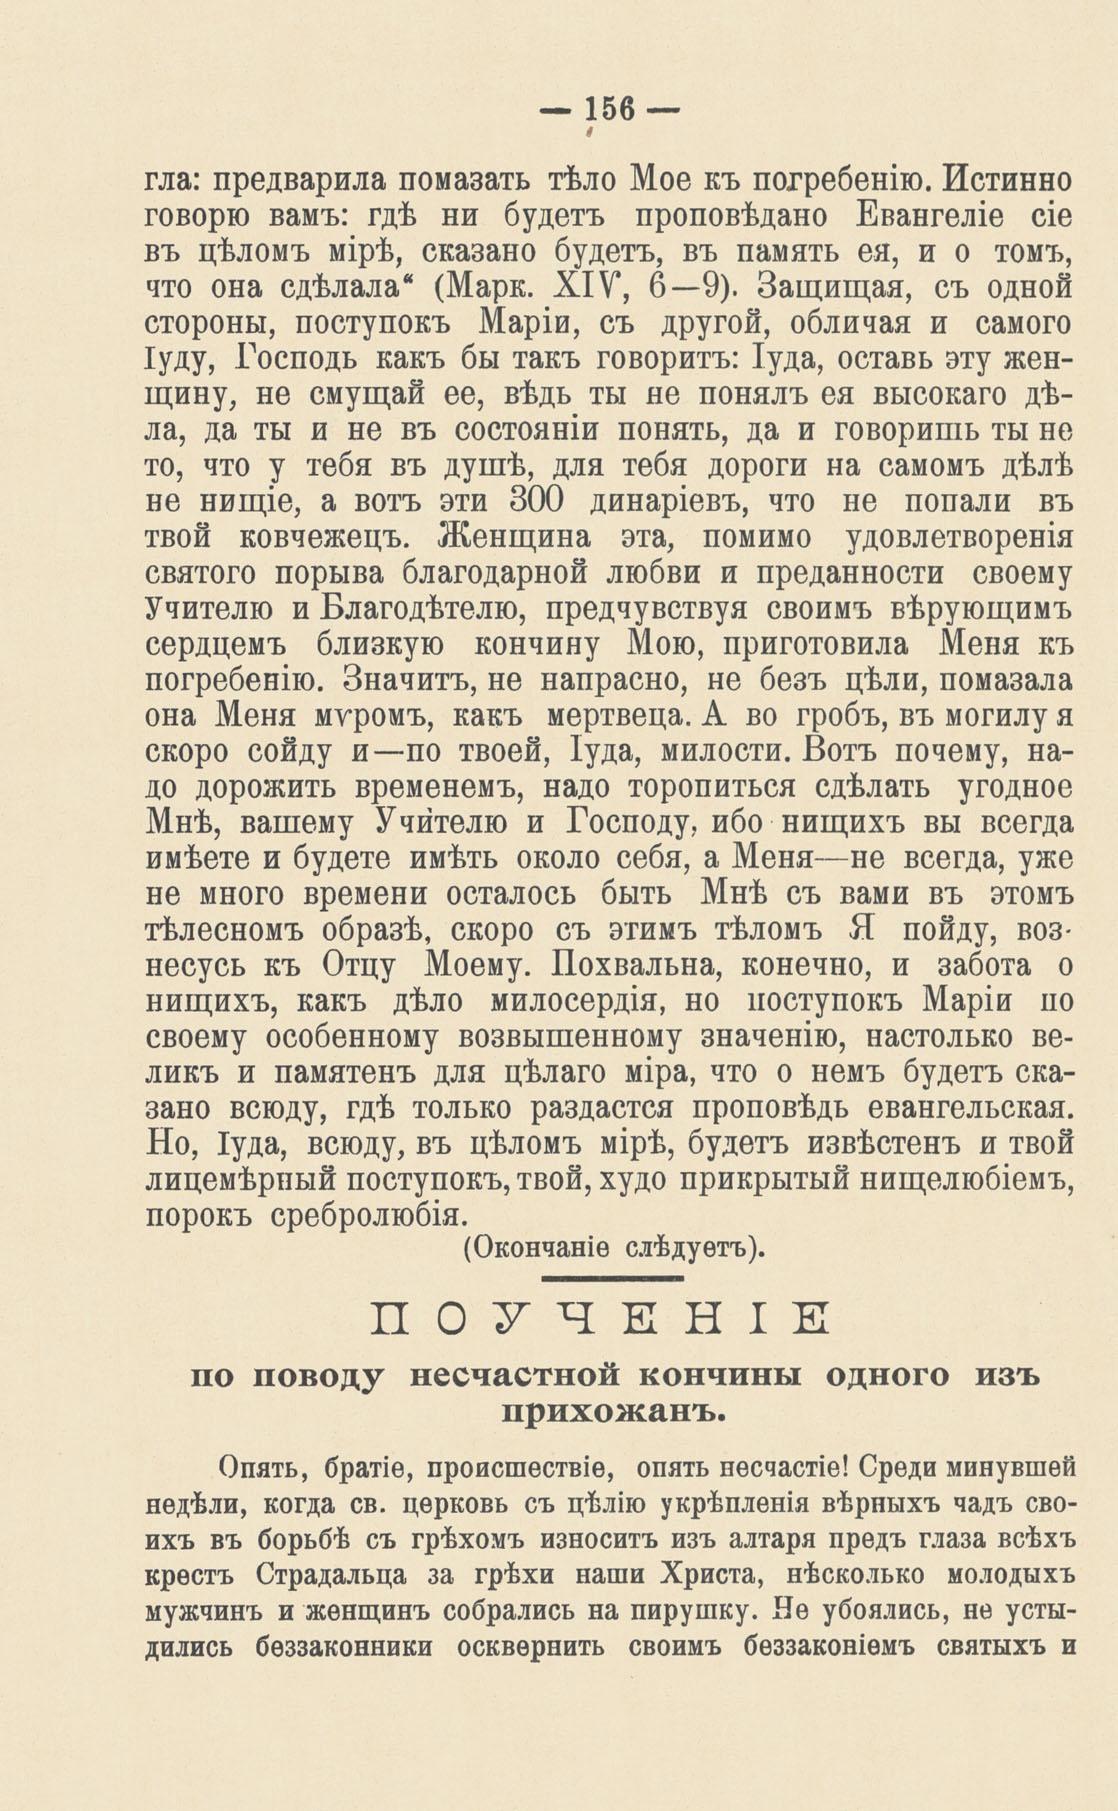 епархиальные ведомости_номер 1мо от вященника тихомирова_659 398